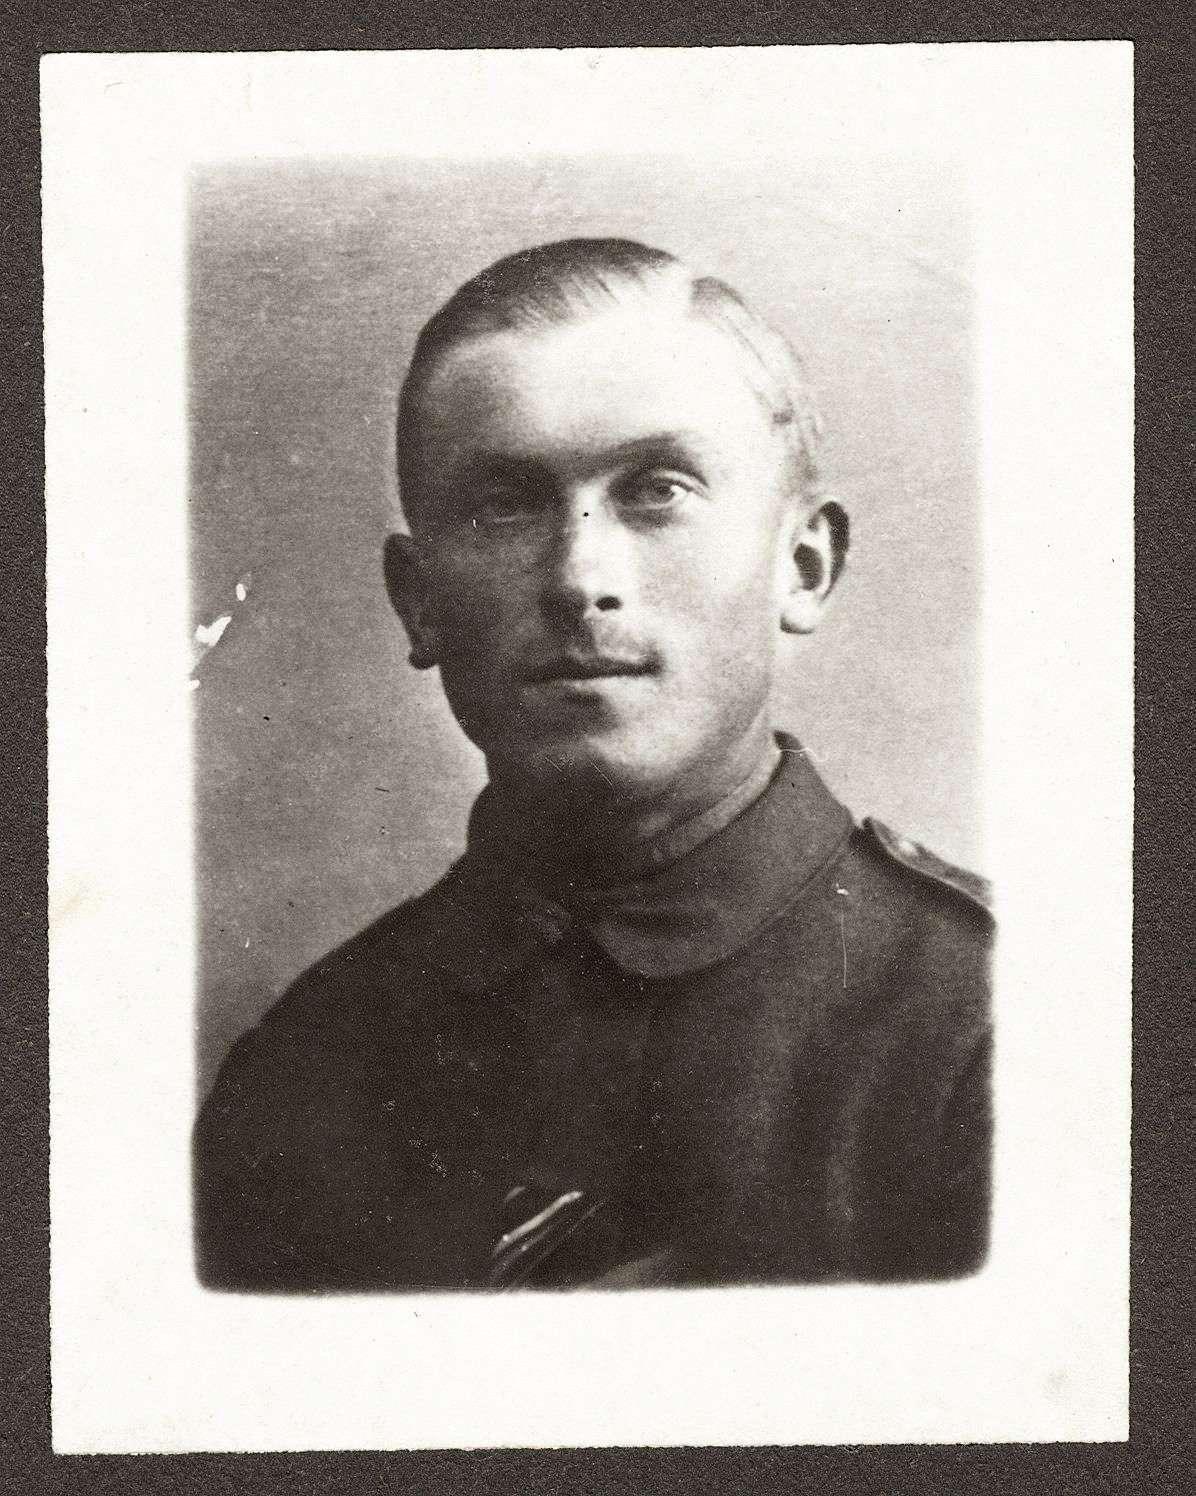 Raisch, Adolf, Bild 1